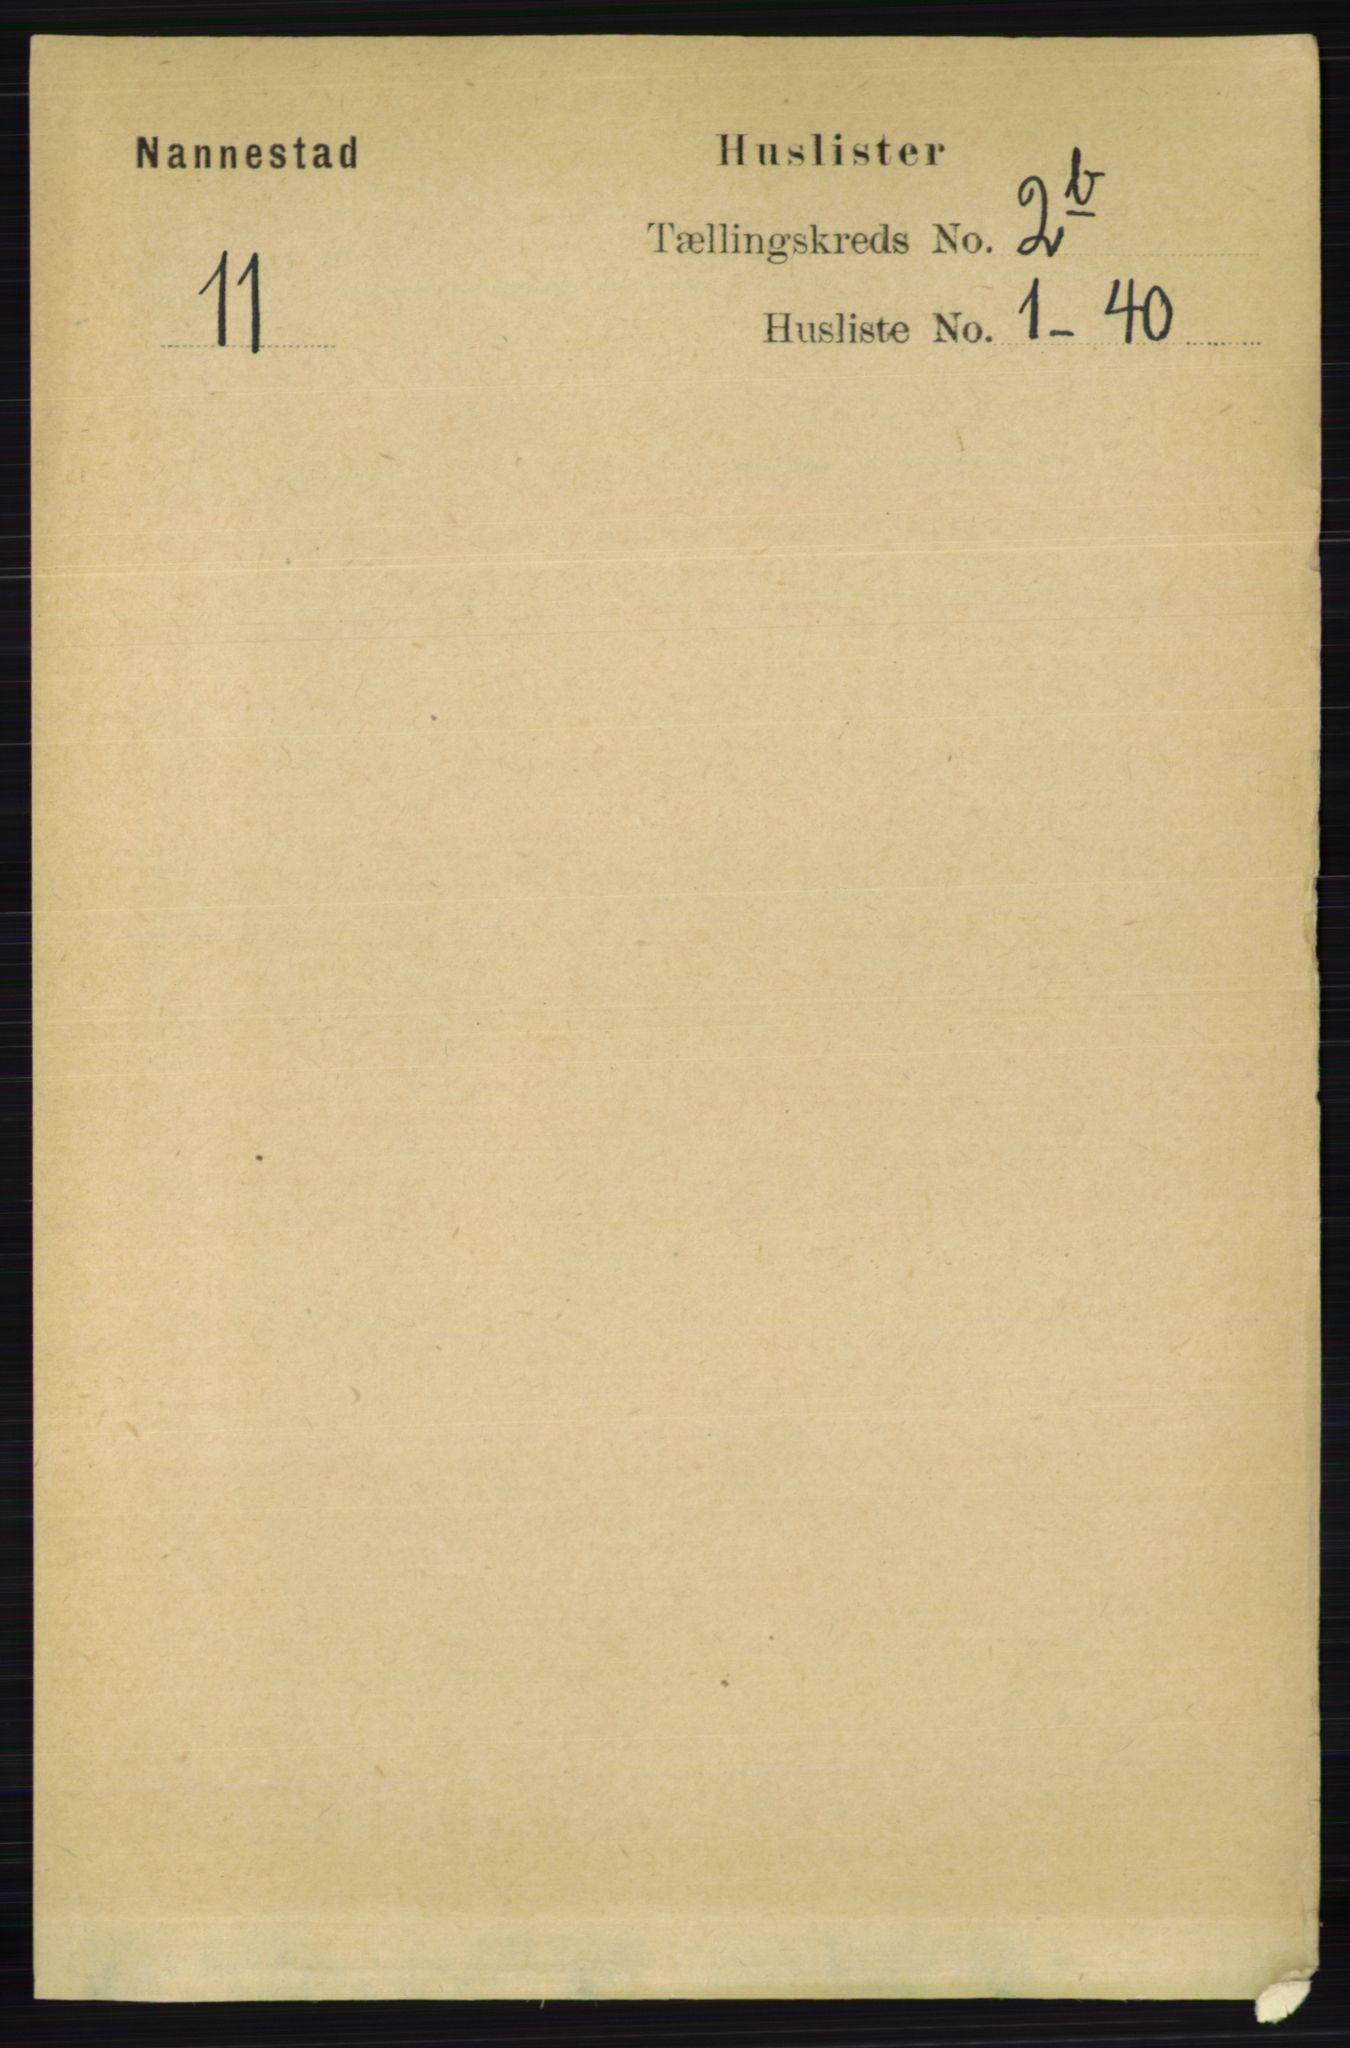 RA, Folketelling 1891 for 0238 Nannestad herred, 1891, s. 1113